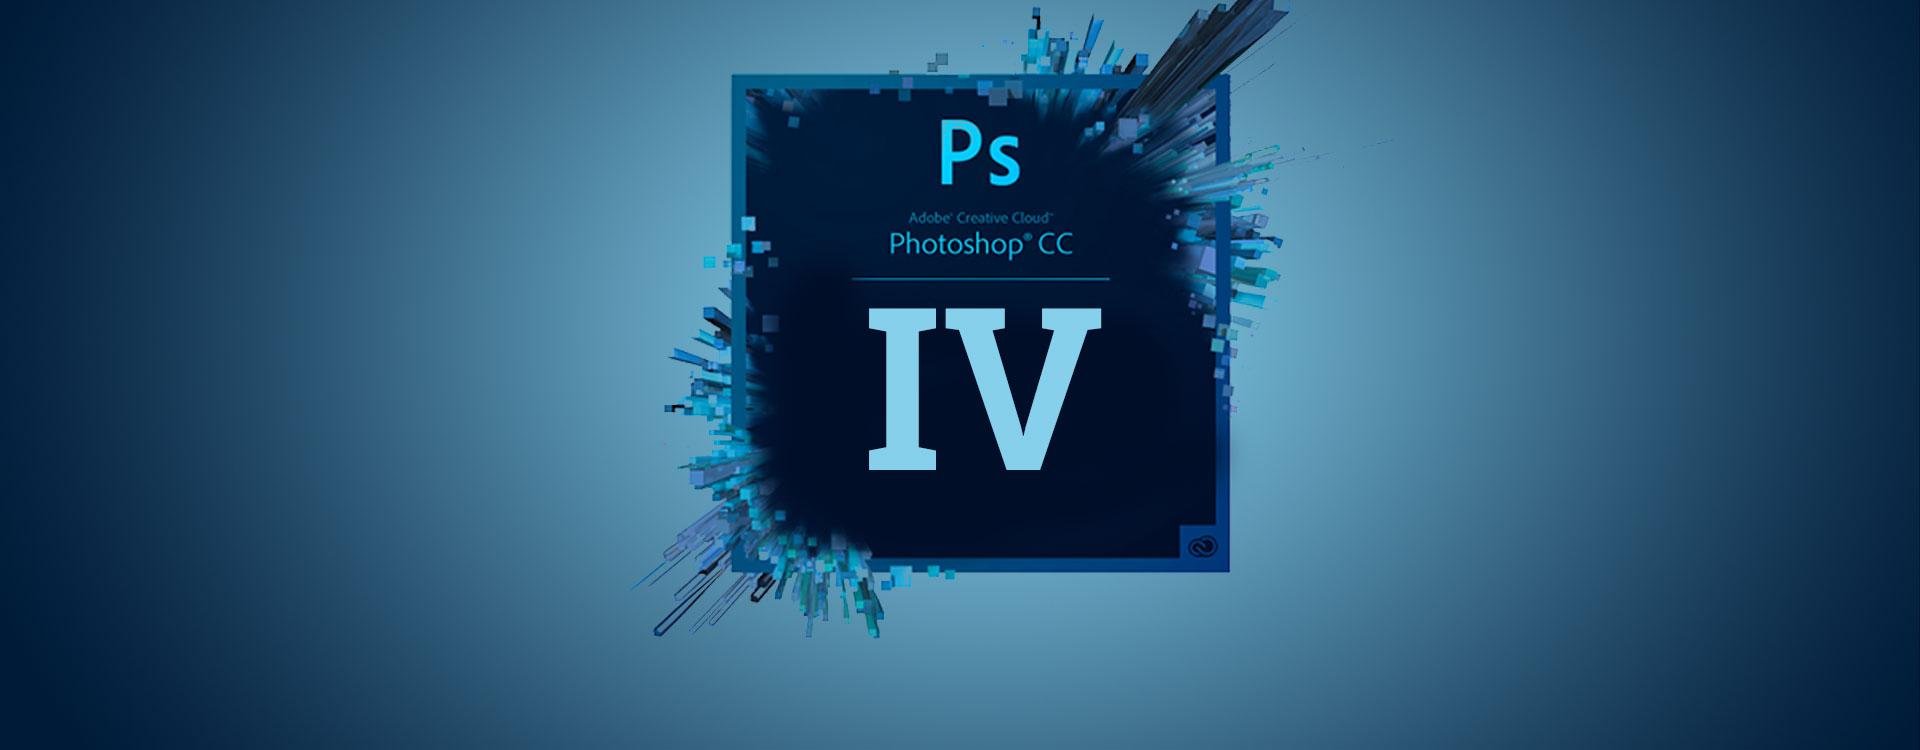 Photoshop – IV – Manipuleren van pixels